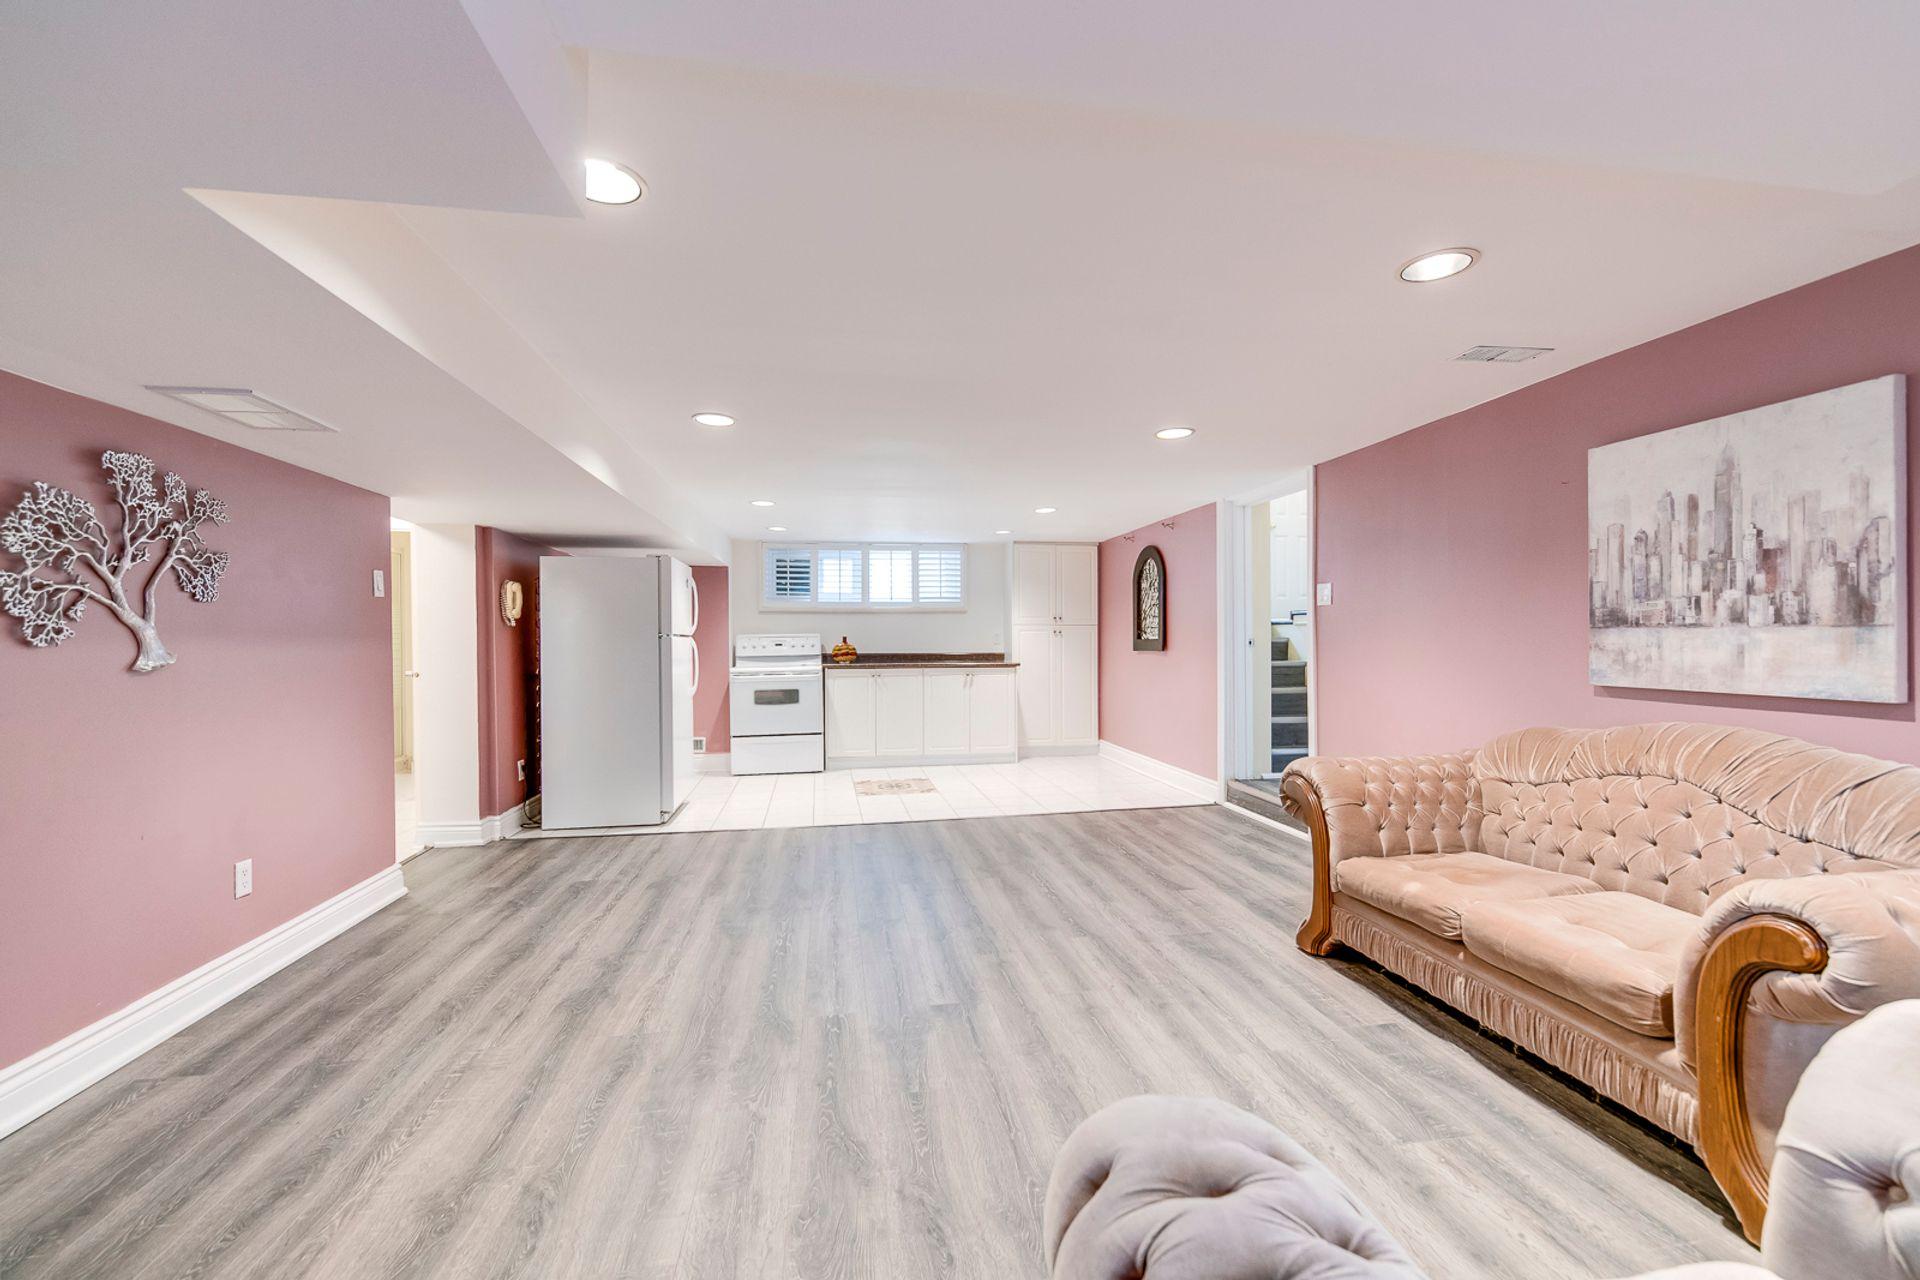 Basement Recreation Room - 398 Maple Grove Dr, Oakville - Elite3 & Team at 398 Maple Grove Drive, Eastlake, Oakville